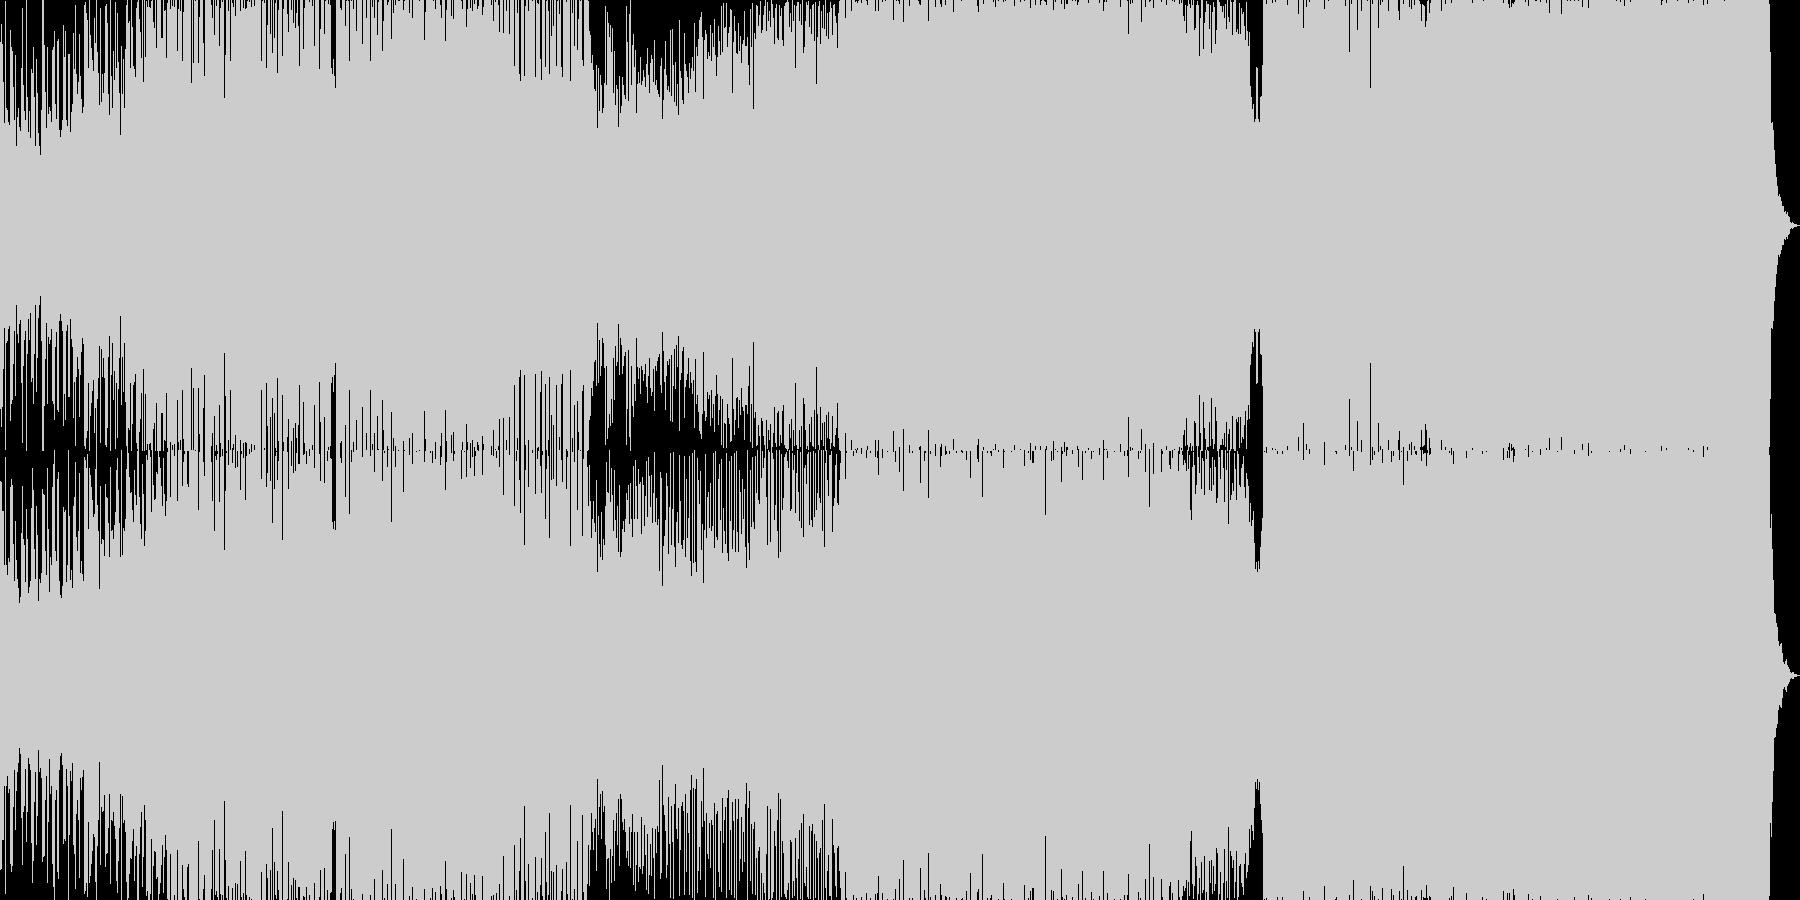 エレクトロ 技術的な 繰り返しの ...の未再生の波形